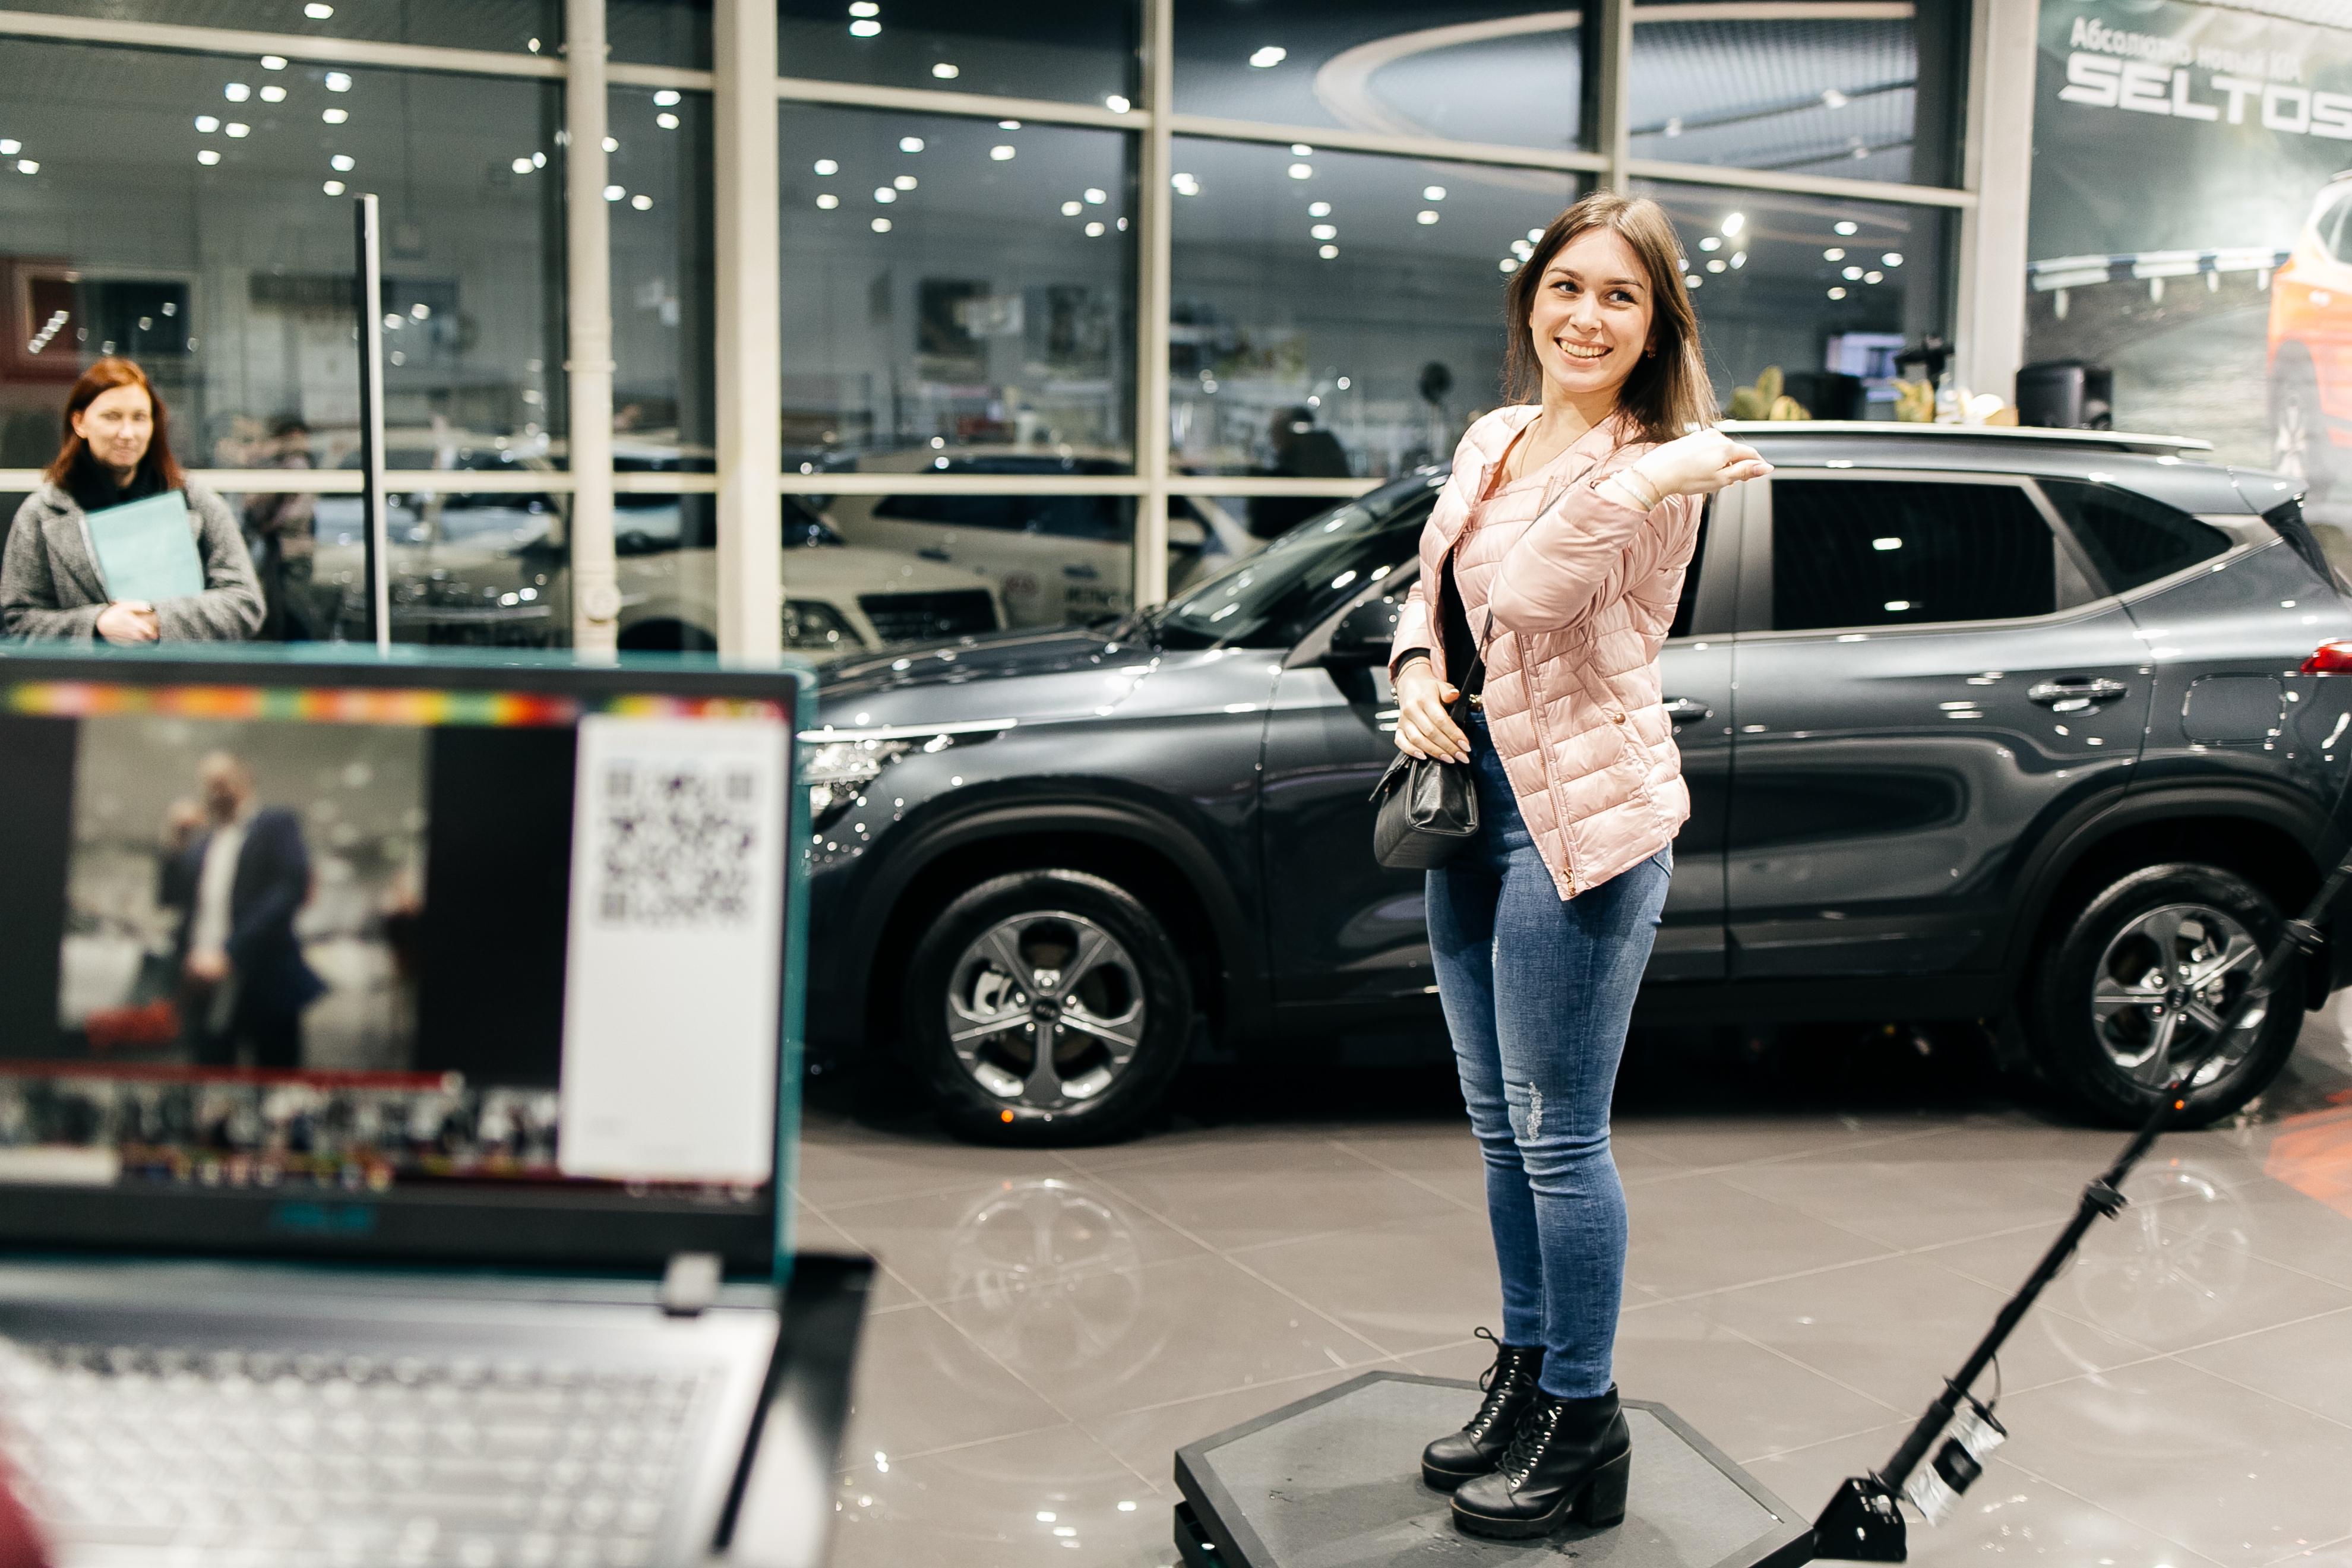 SUV_2413